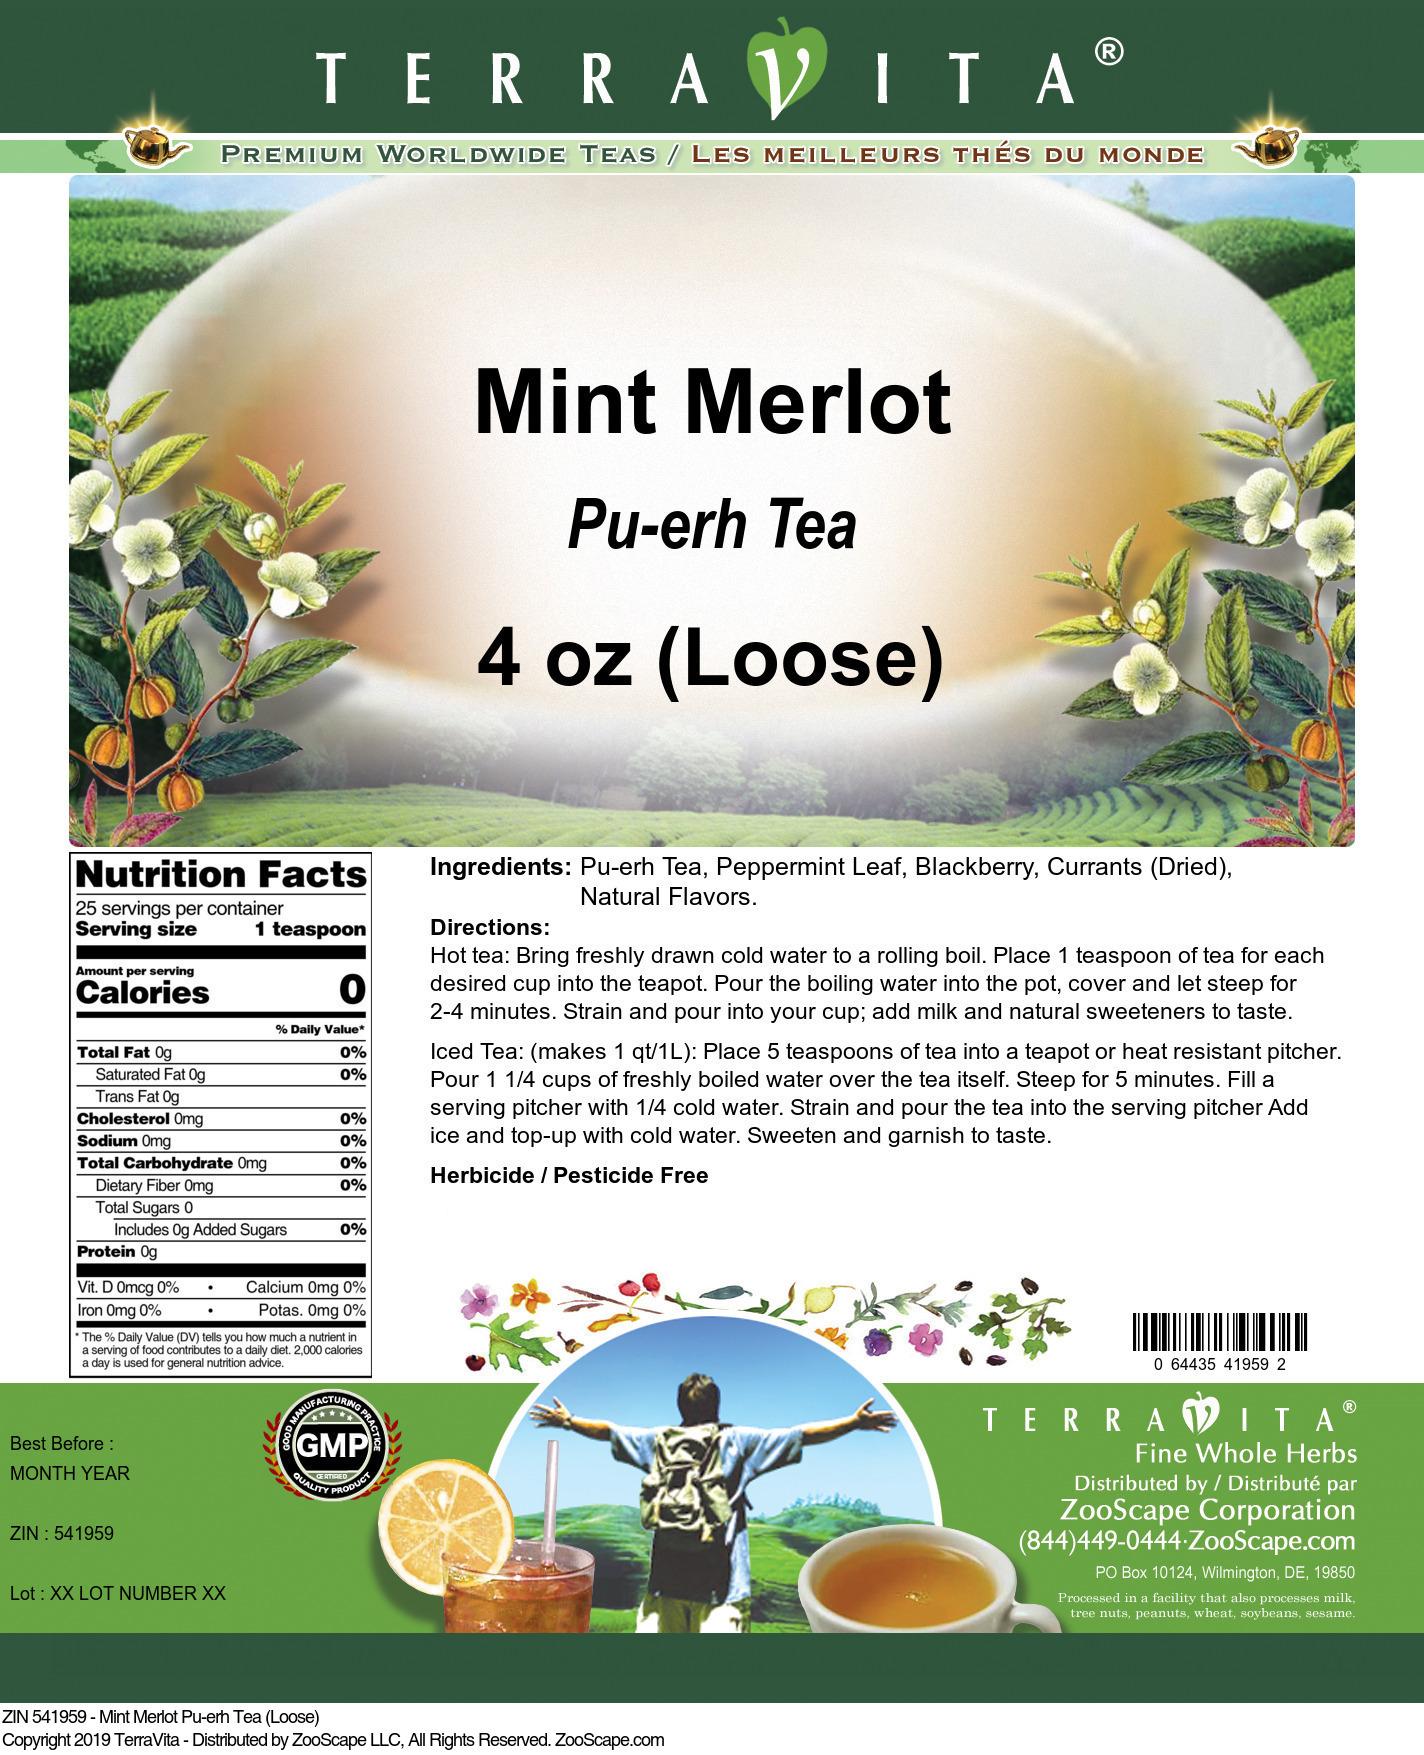 Mint Merlot Pu-erh Tea